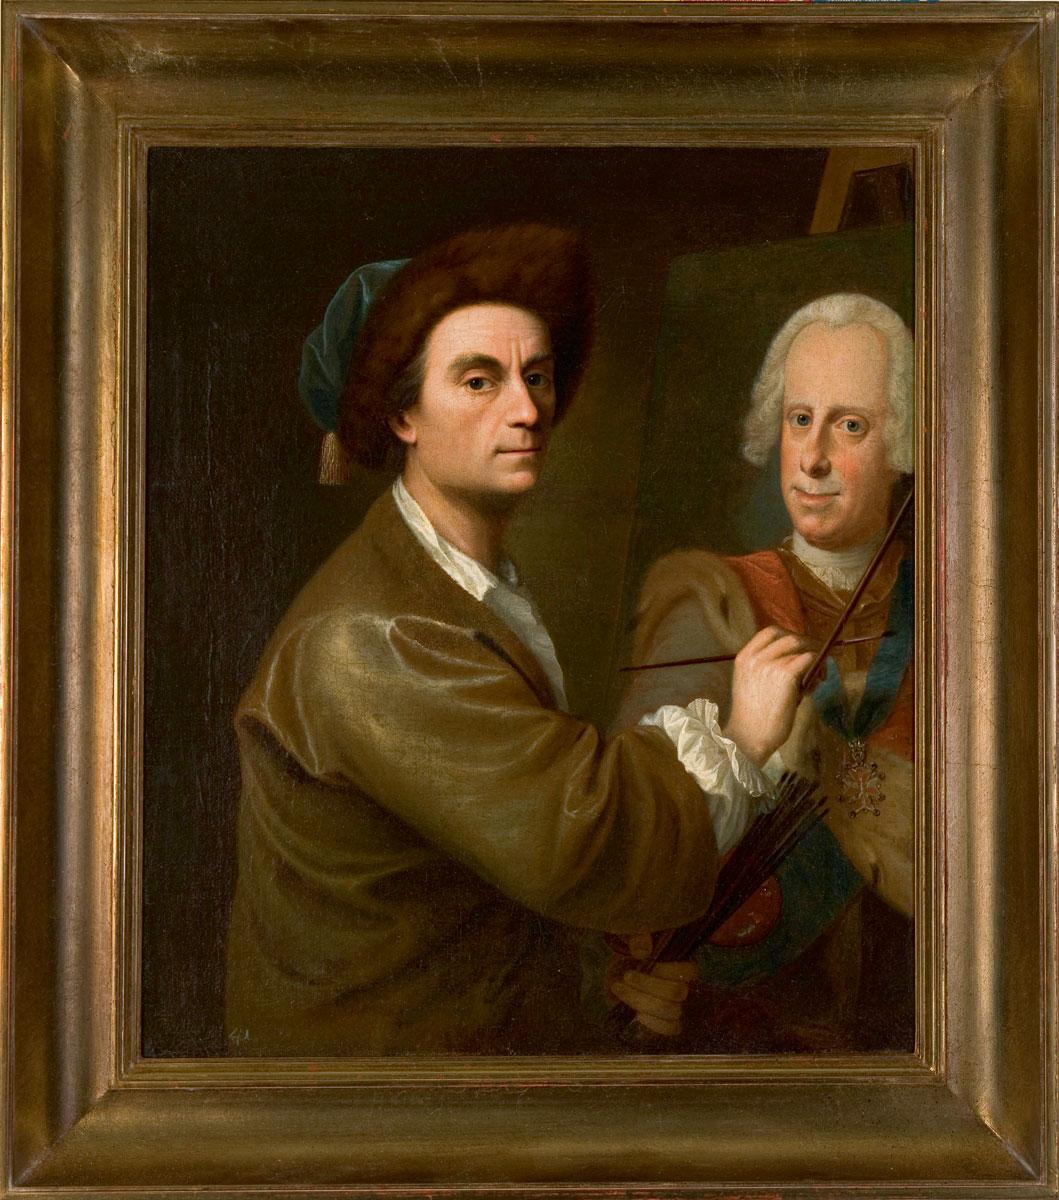 Johann Christian Fiedler, Selbstbildnis mit dem Porträt des Landgrafen Ludwig VIII. von Hessen-Darmstadt, 1752